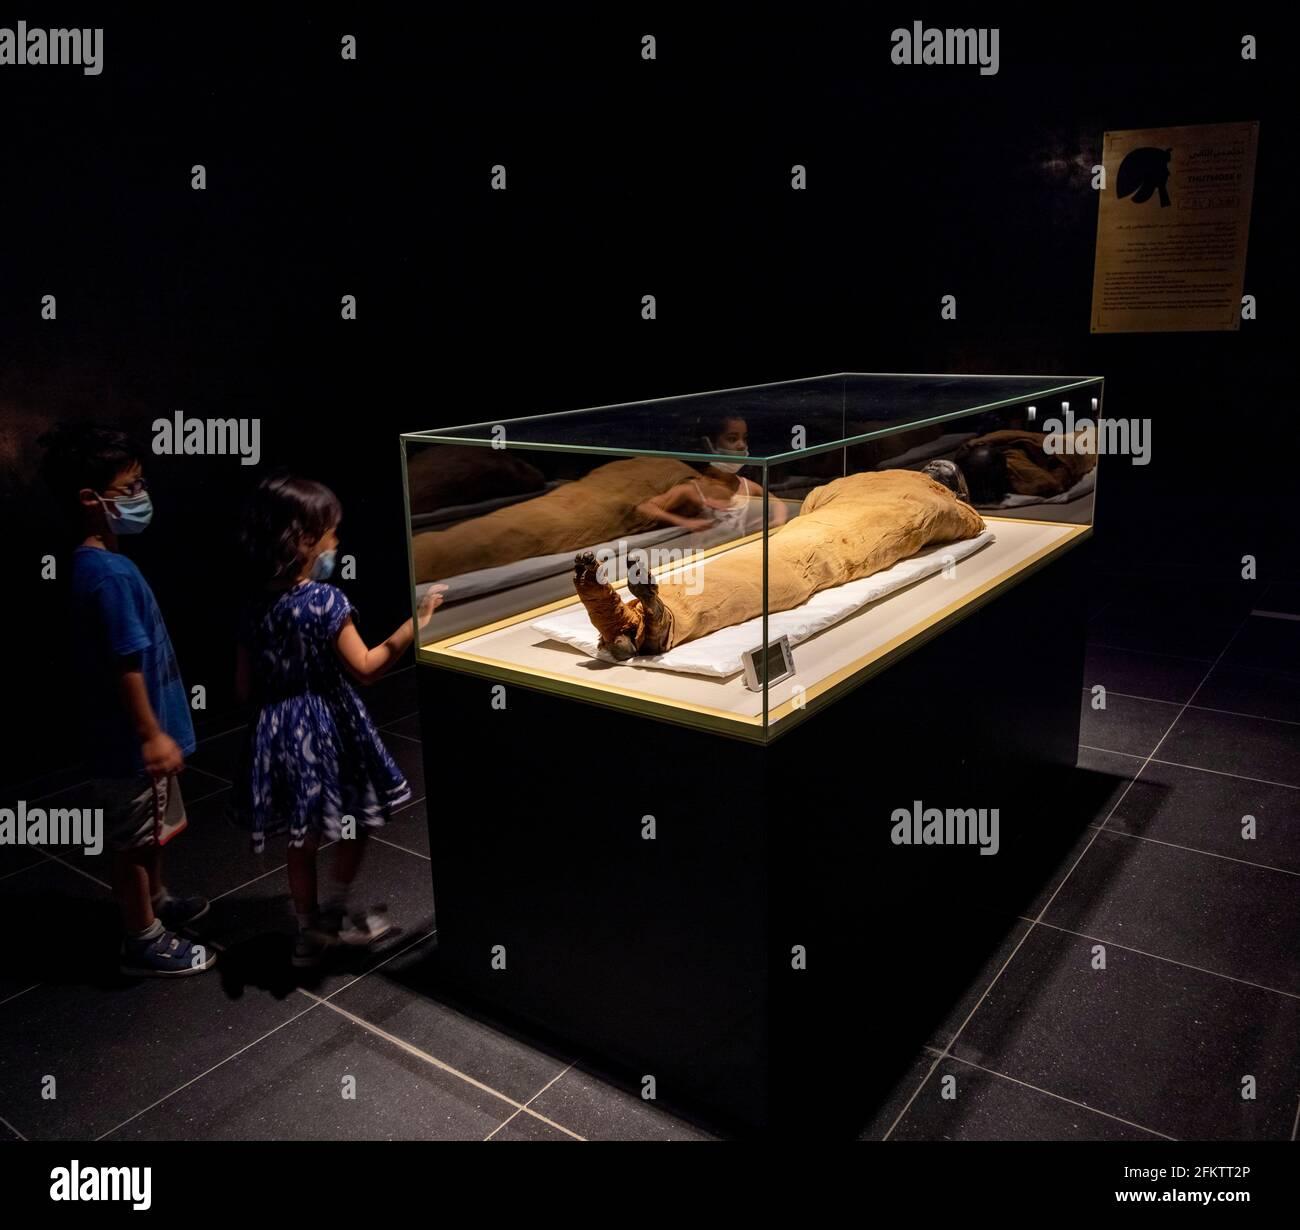 Kinder, die die Mumie von König Thutmose II. (Gestorben 1479 v. Chr.), Nationalmuseum der ägyptischen Zivilisation, betrachten Stockfoto